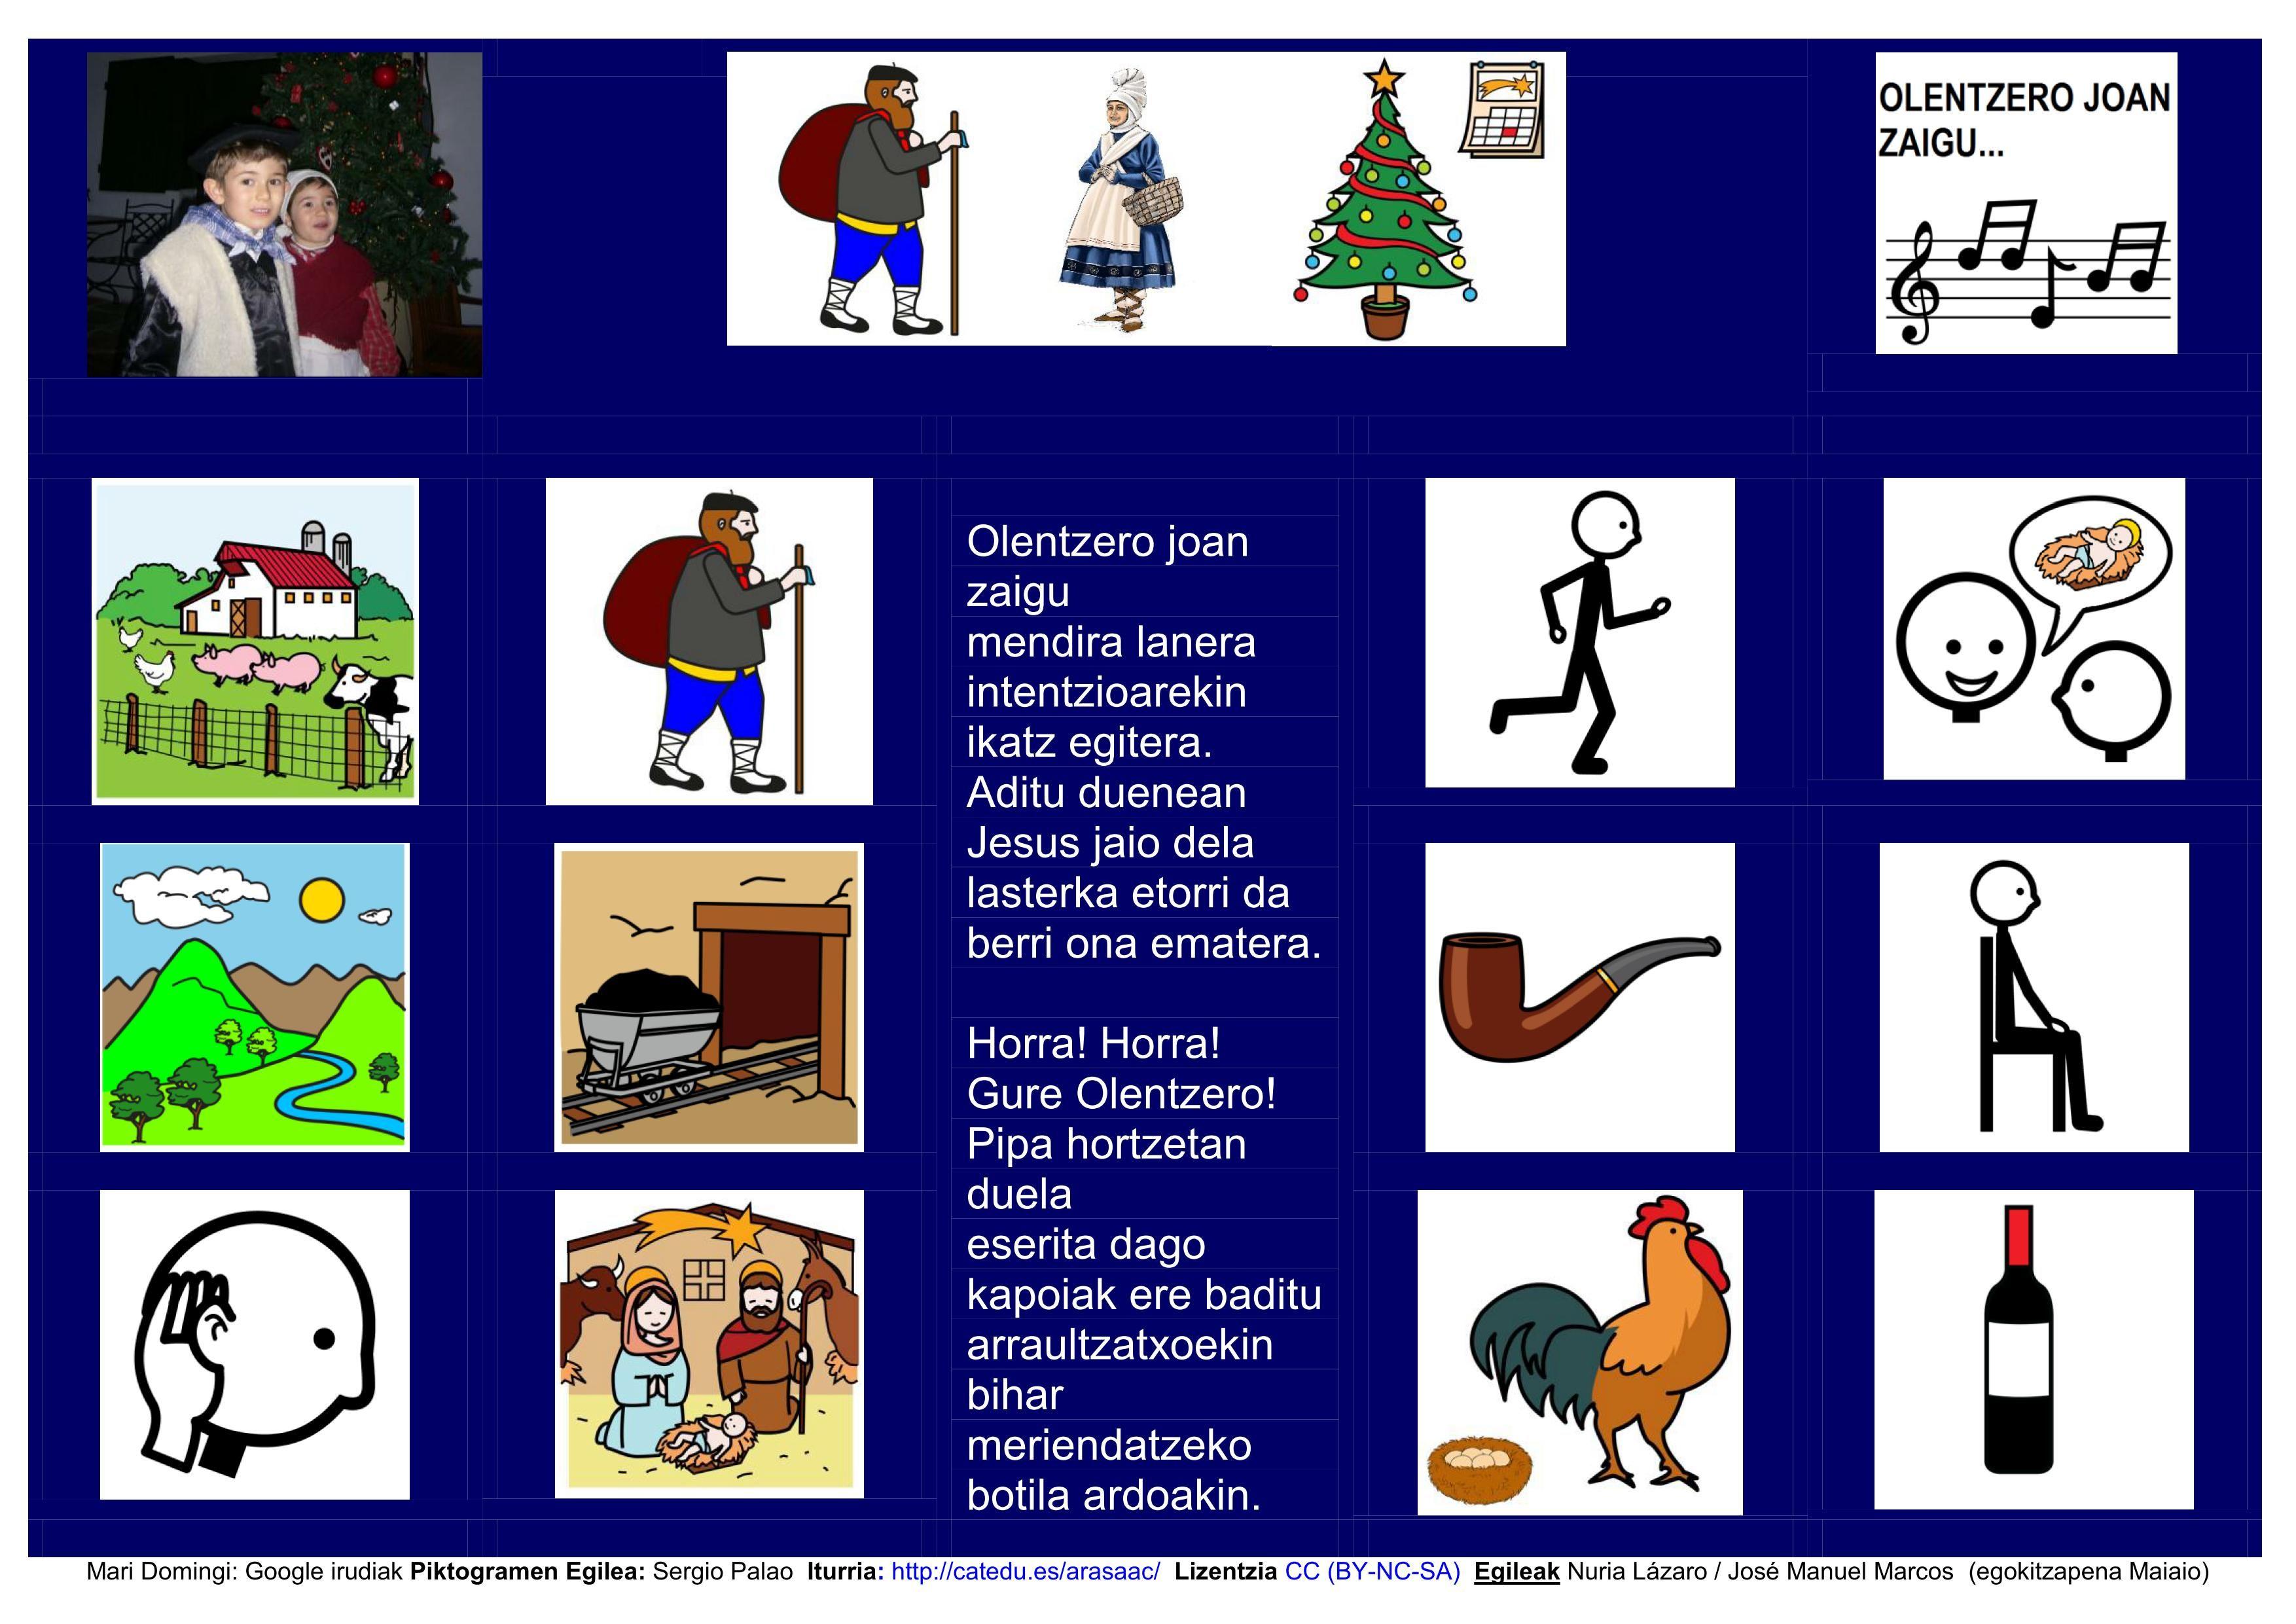 Olentzero Joan Zaigu Abestia Adaptación En Euskera De Tablero De Comunicación Arasaac Mari Domingi Tableros De Comunicación Euskera Aprender Educacion